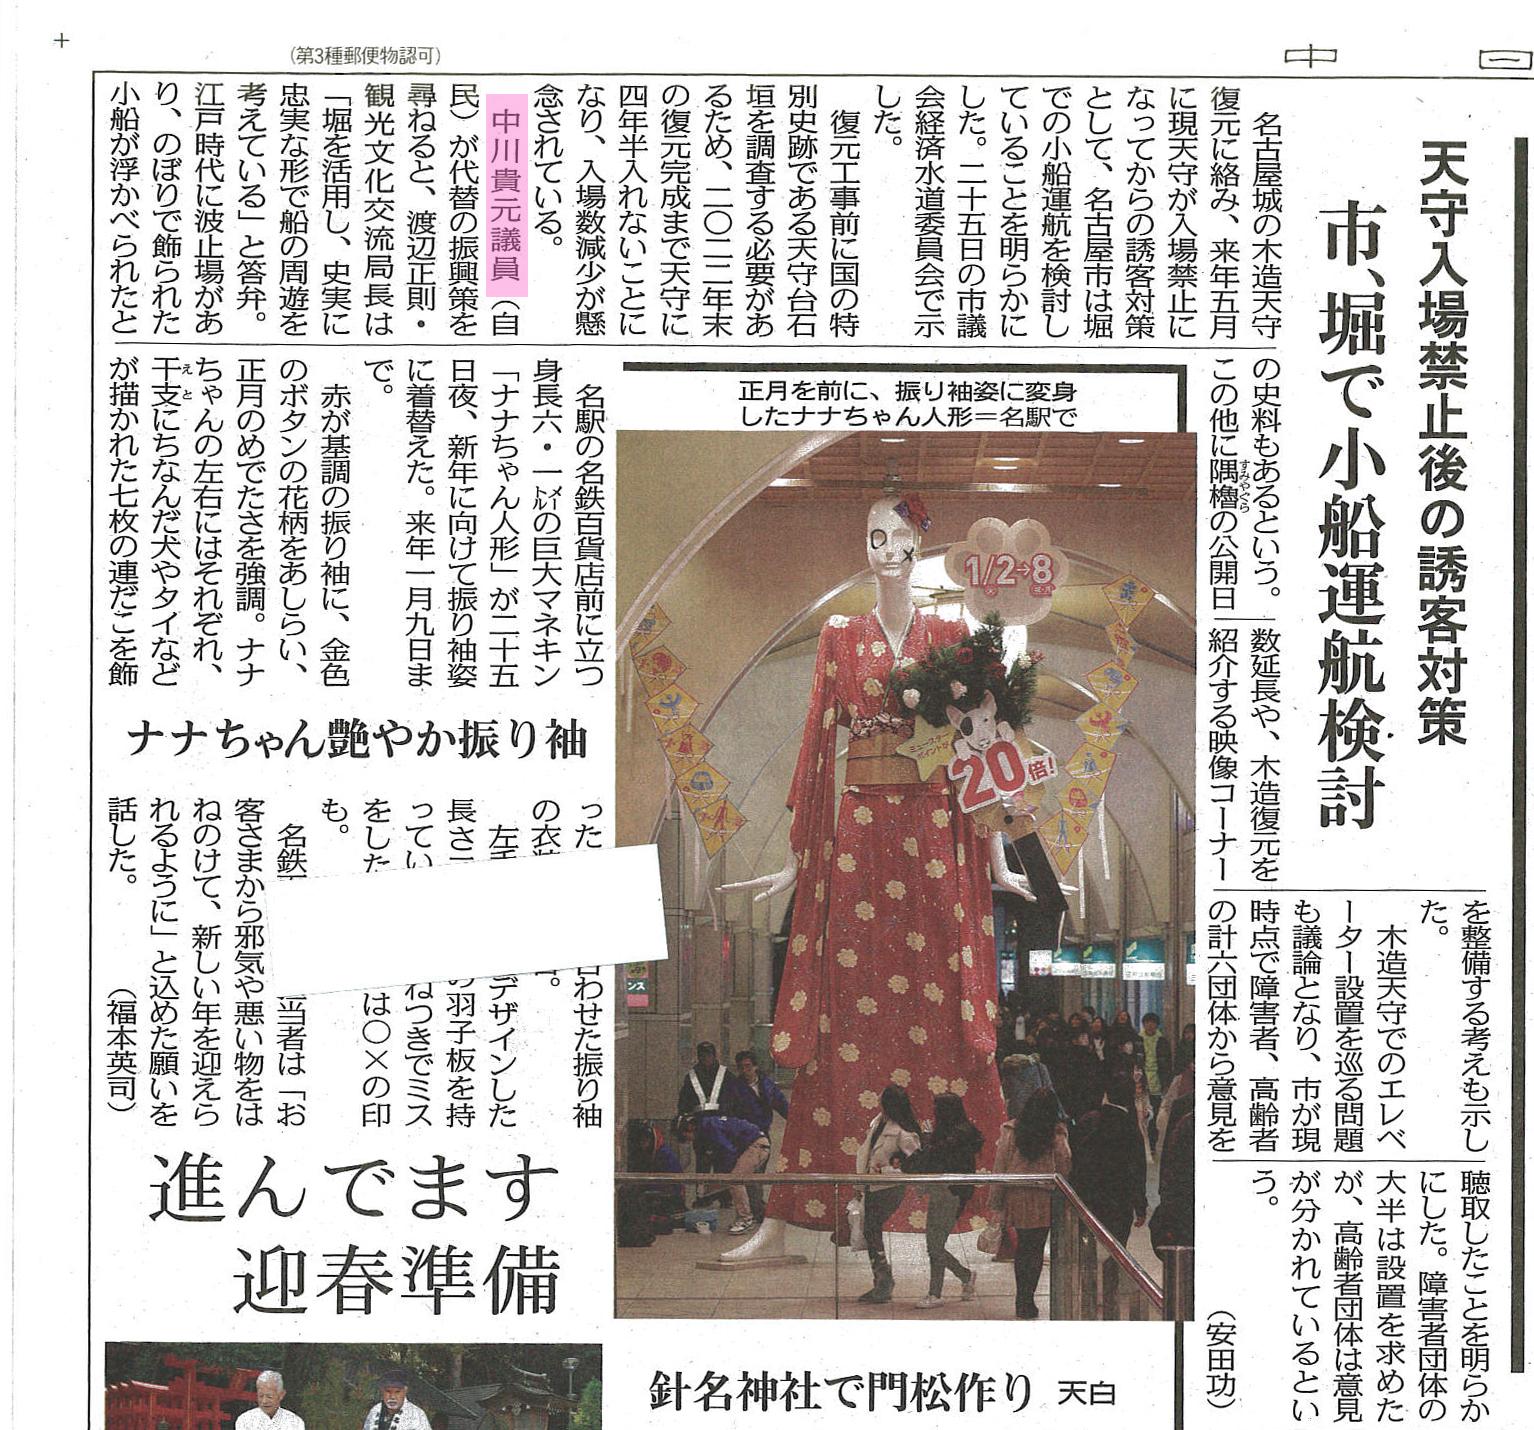 中日新聞(名古屋城天守入場禁止対策)